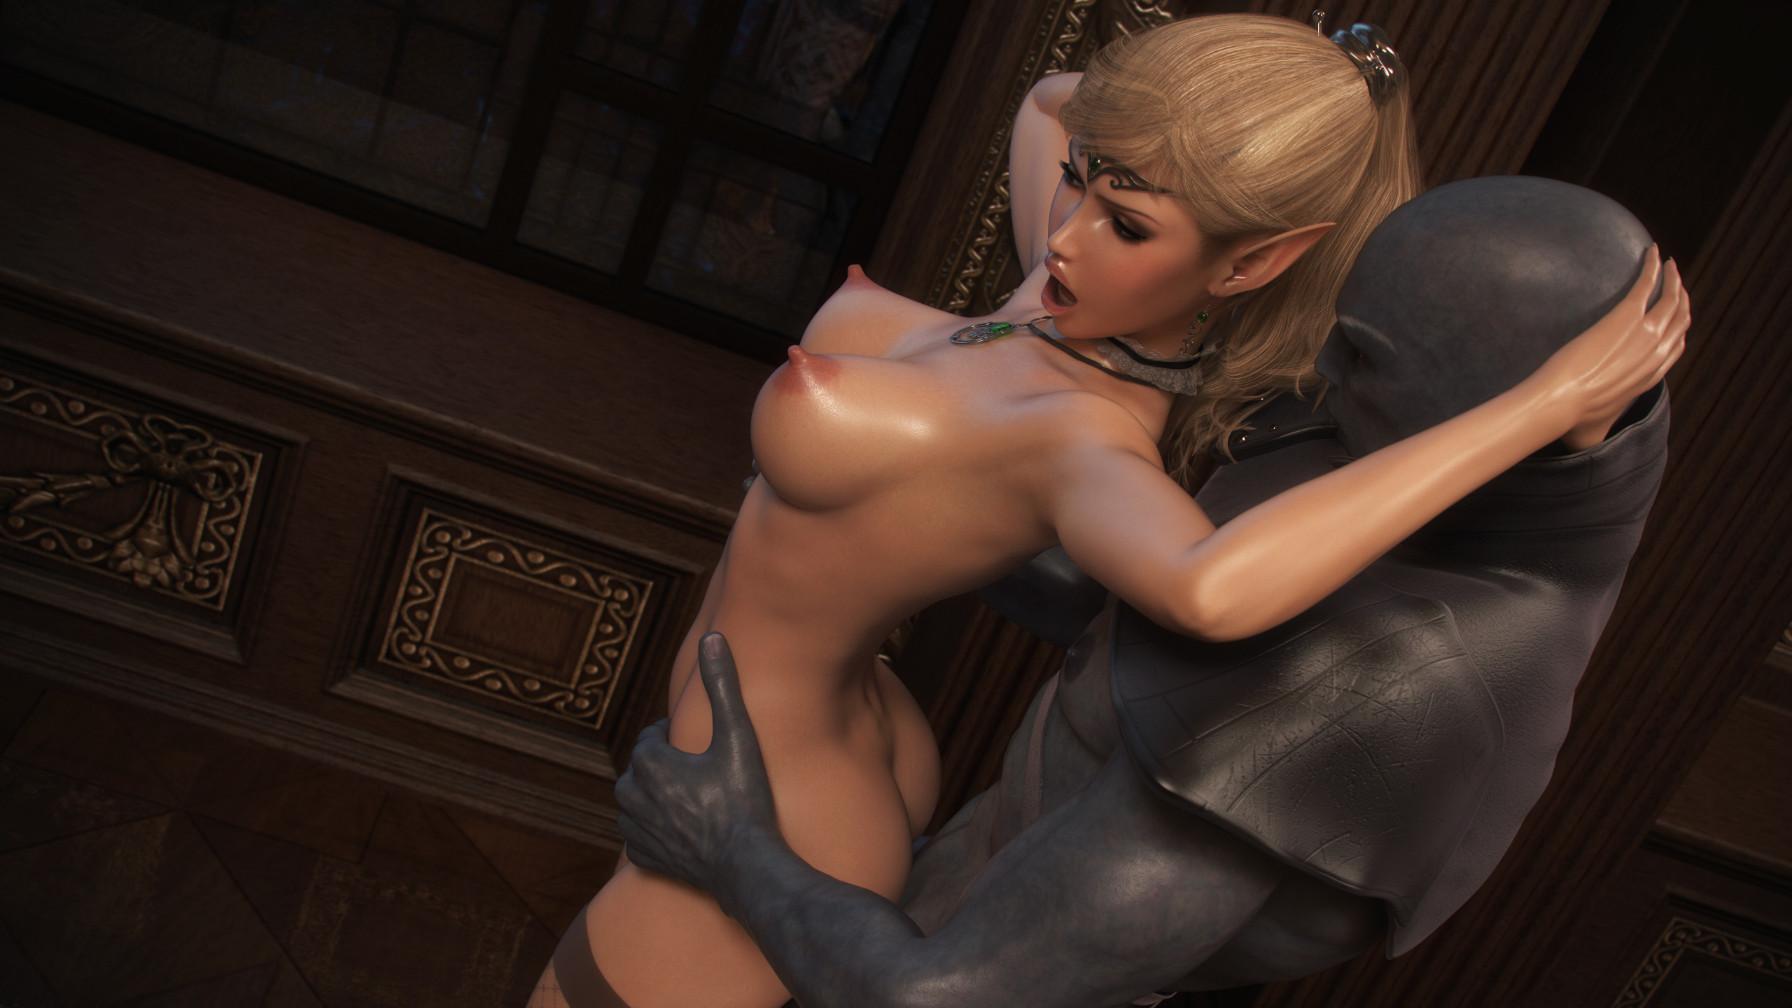 Эльфийка из эротическая игра, Сексуальная эльфийка ебется с орком из игры Warcraft 8 фотография